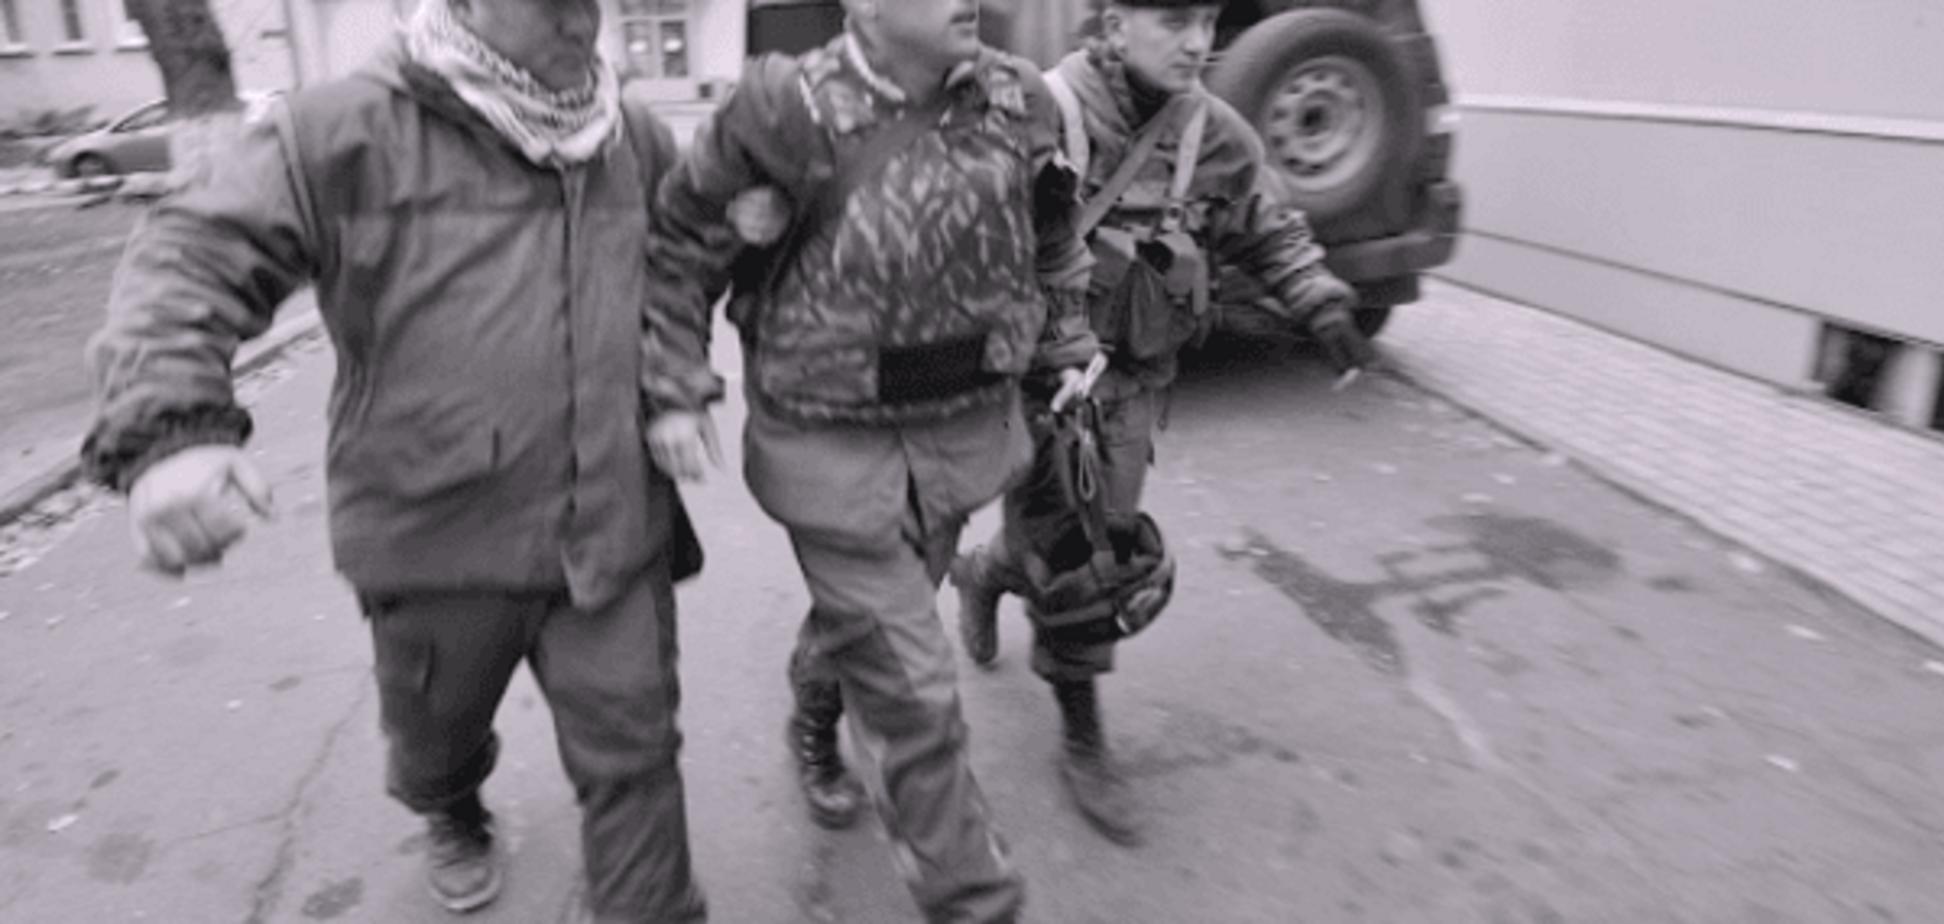 'Независимый журналист' Грэм Филлипс как инструмент ФСБ: британское расследование